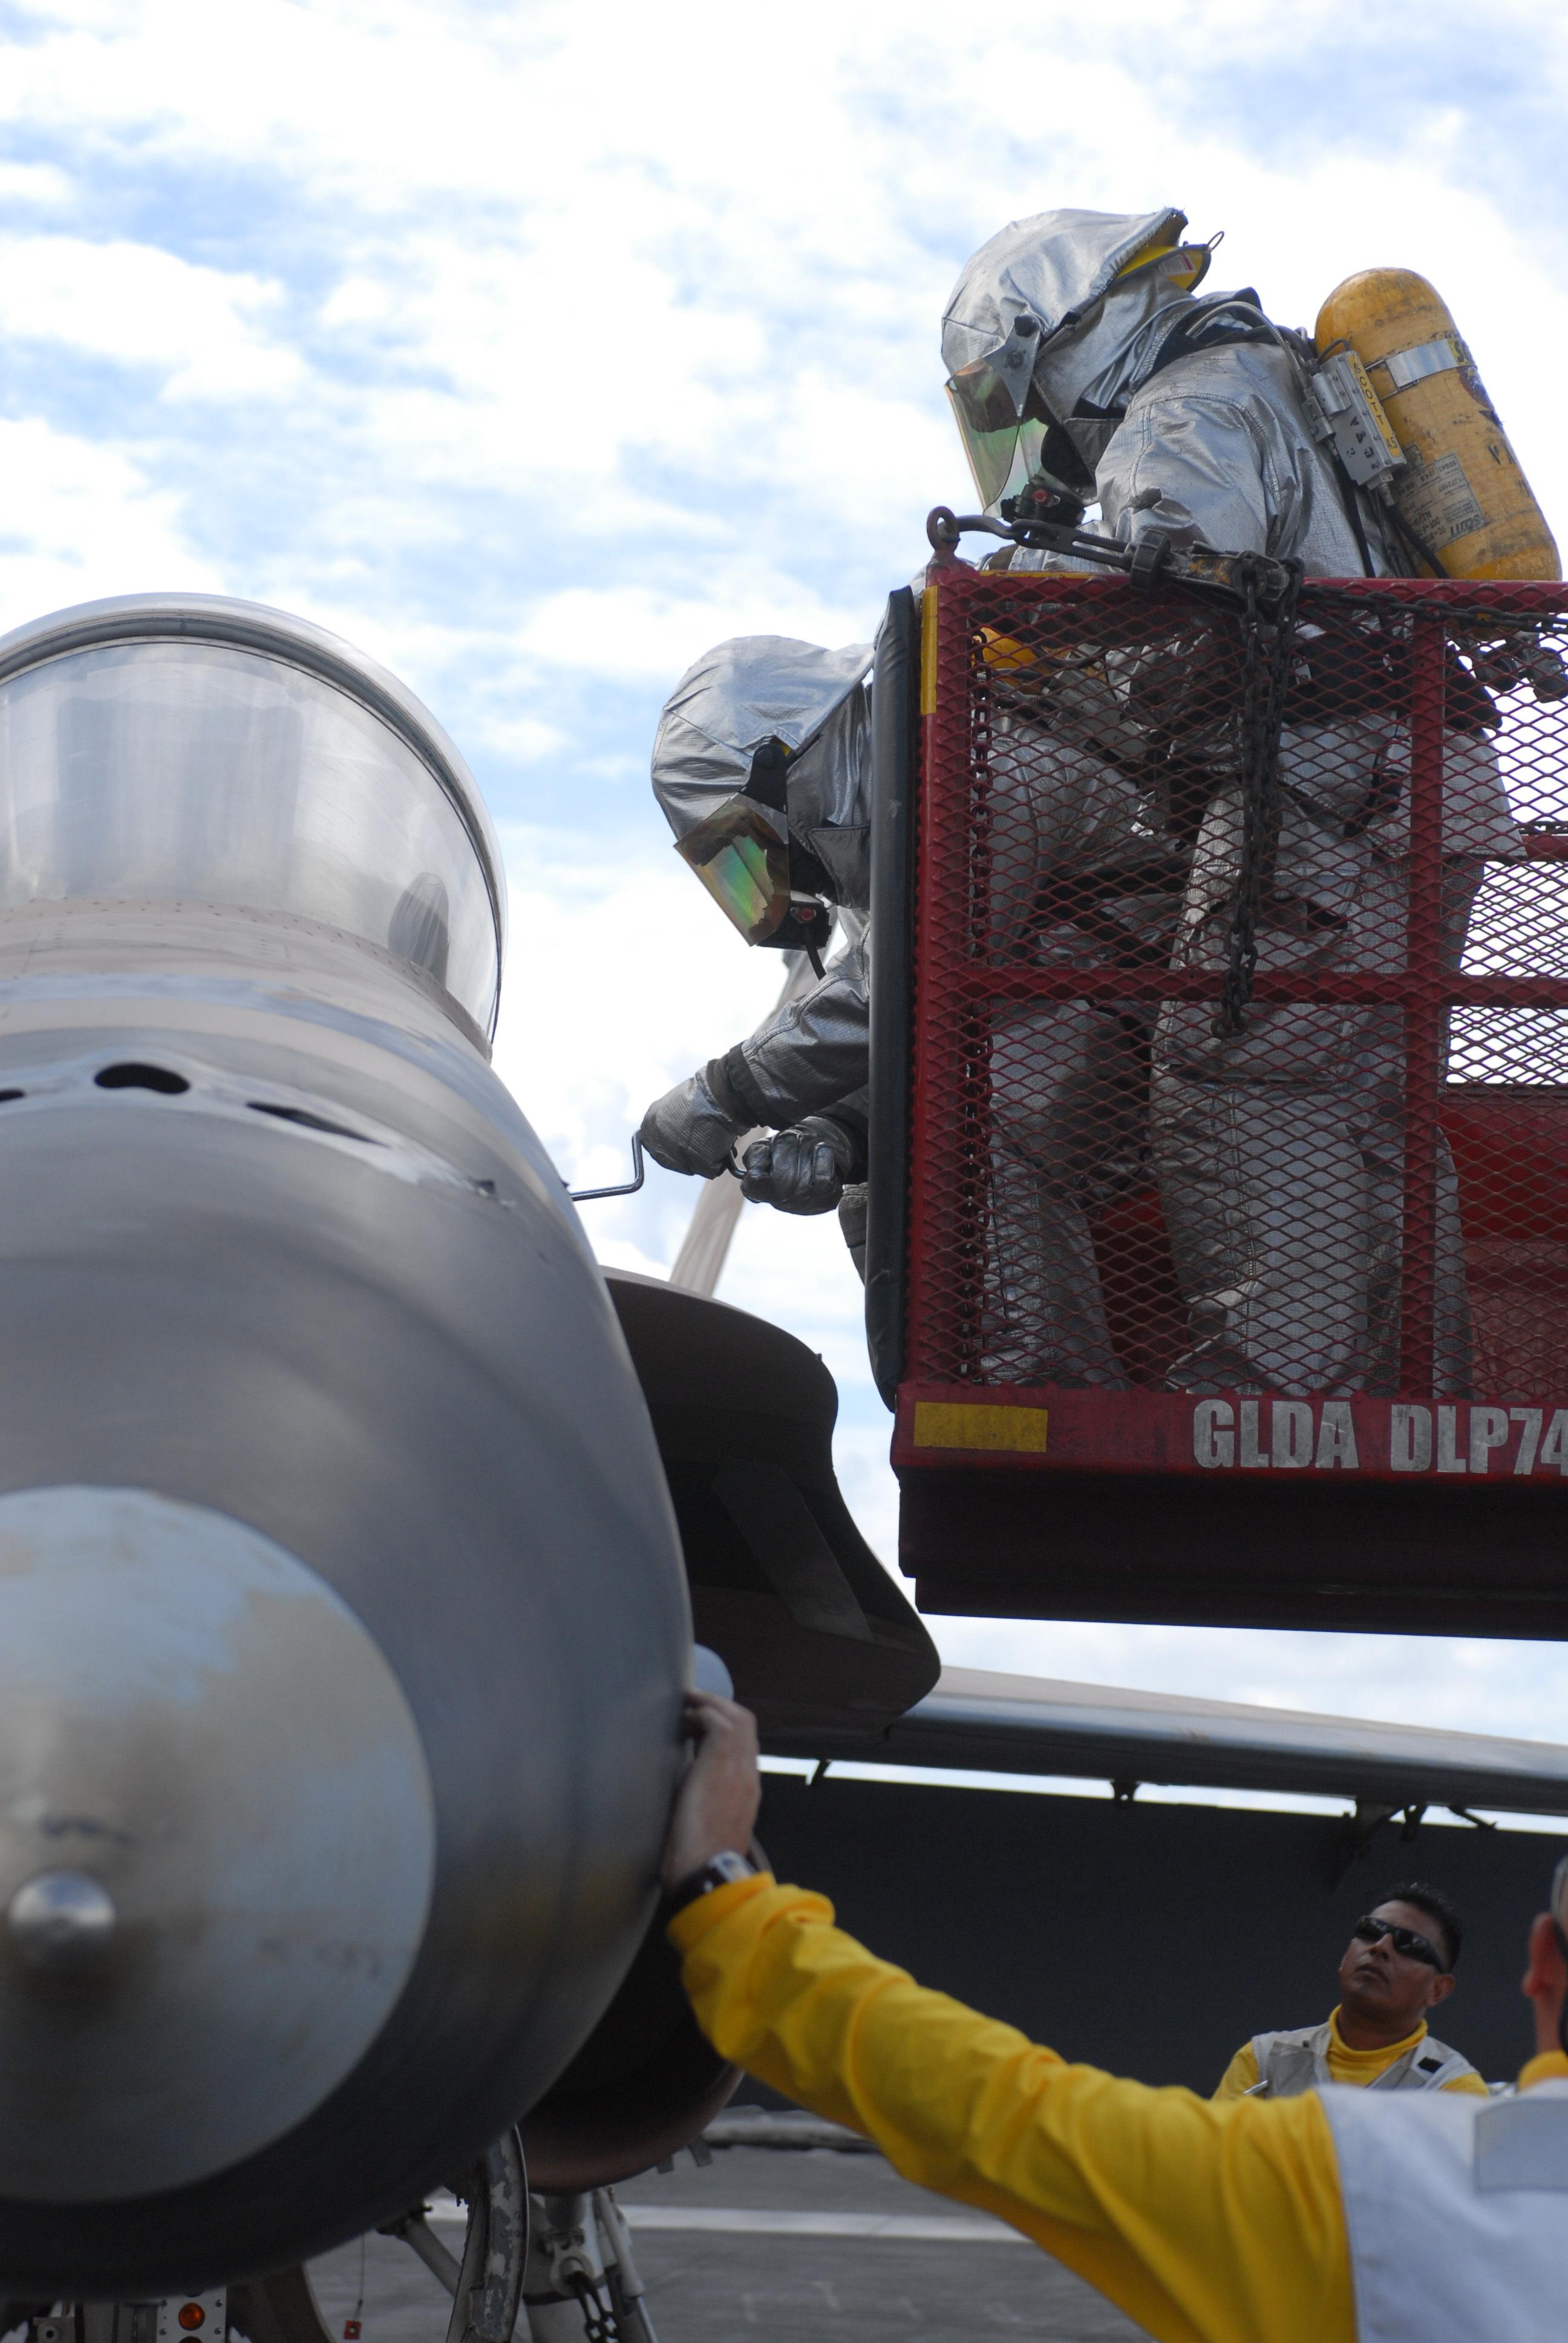 FileCrash And Salvage Team Performs Flight Deck Drills